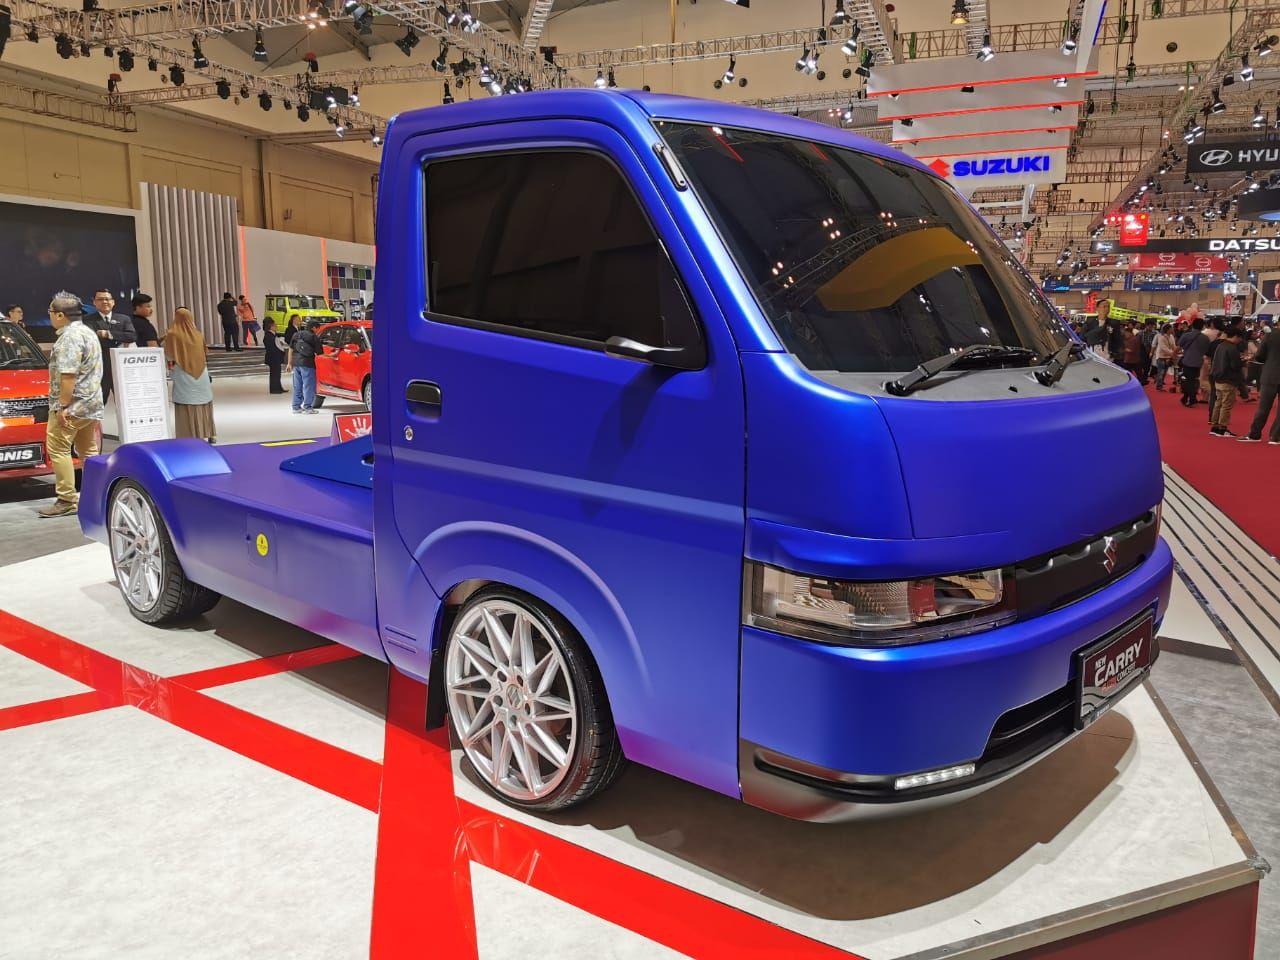 Modifikasi Mobil Suzuki 7 Tak Modifikasi Mobil Mobil Mewah Mobil